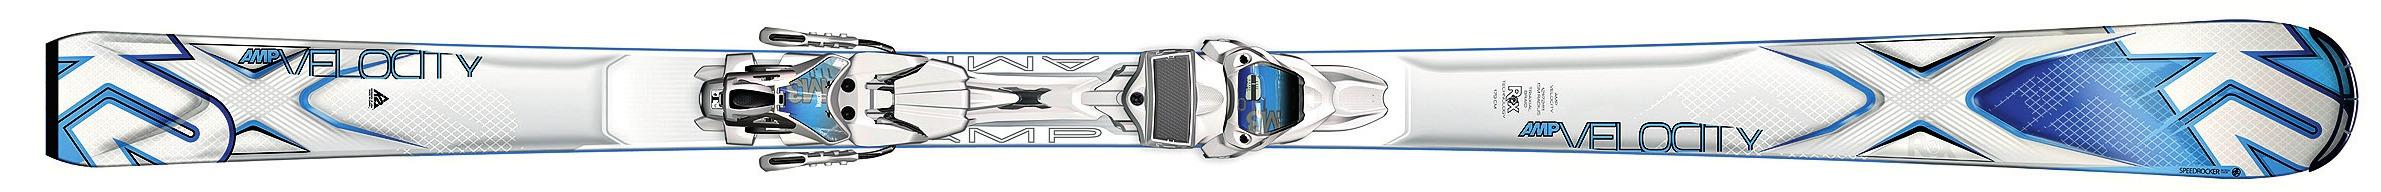 K2 AMP Velocity